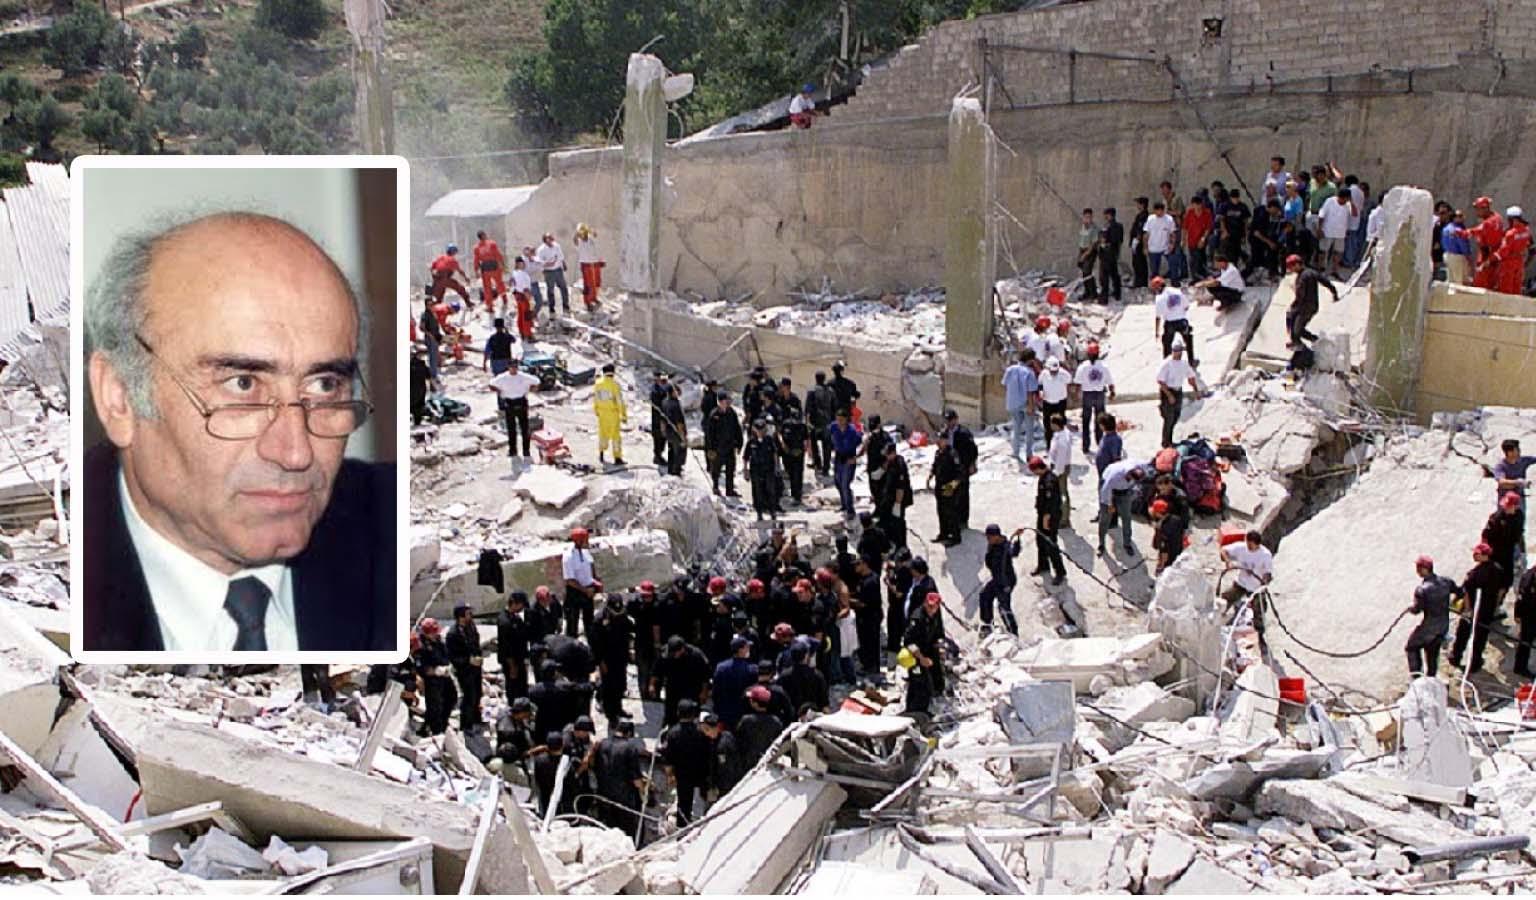 Ανδρέας Αναγνωστάκης: 20 χρόνια μετά την κατάρρευση της RICOMEX τι έχει κάνει η Δικαιοσύνη;